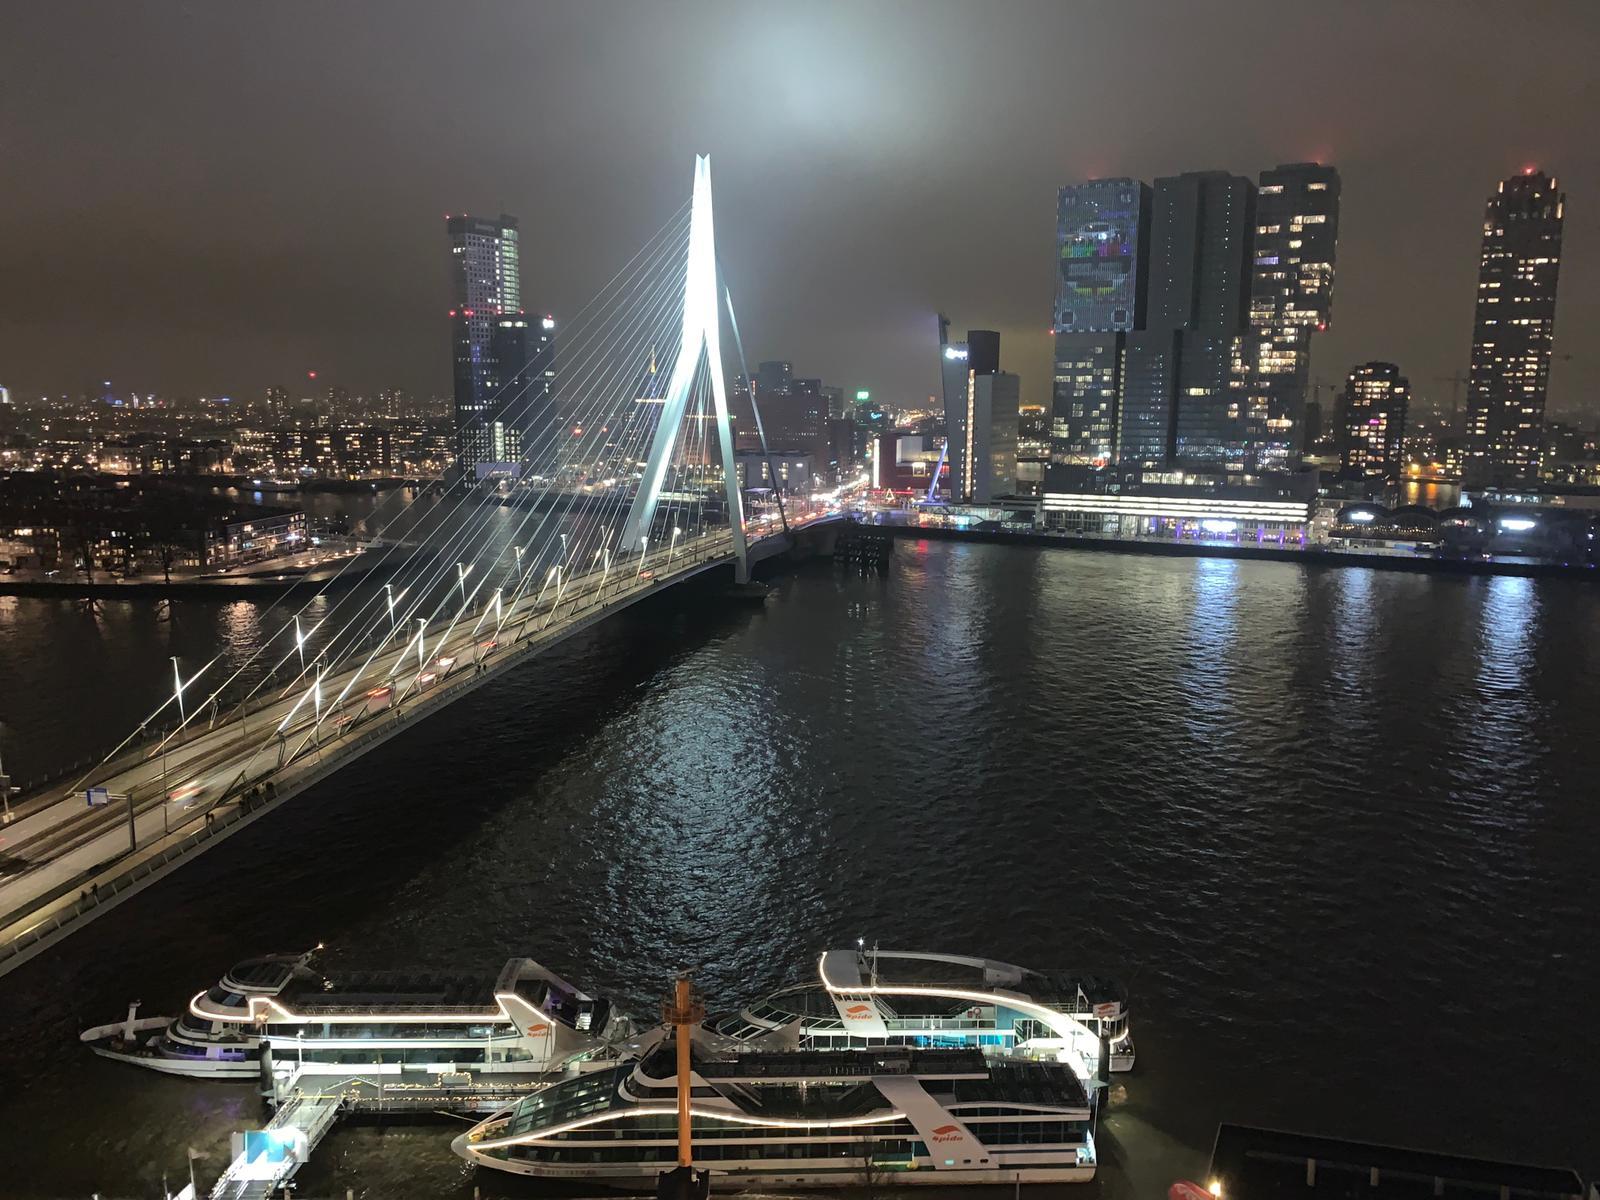 Heeft u Computer problemen? Start uw systeem niet op of wilt u graag uitleg hebben in Rotterdam Twijfel niet en bel me op (06-12569316). Ik help u graag verder.